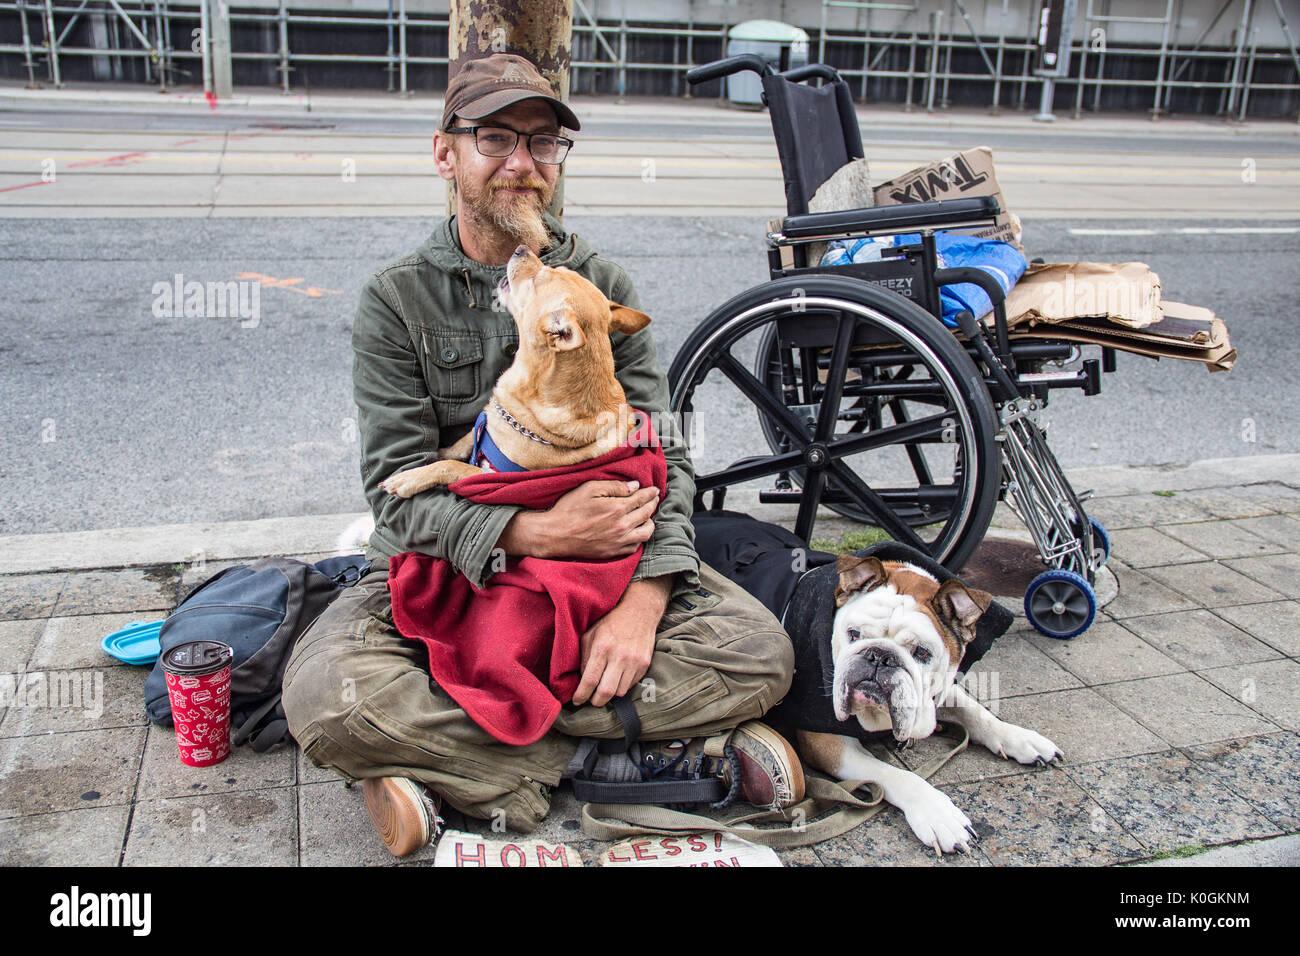 La fotografía de la calle, un hombre sin hogar con perros, escena urbana, gran ciudad Imagen De Stock